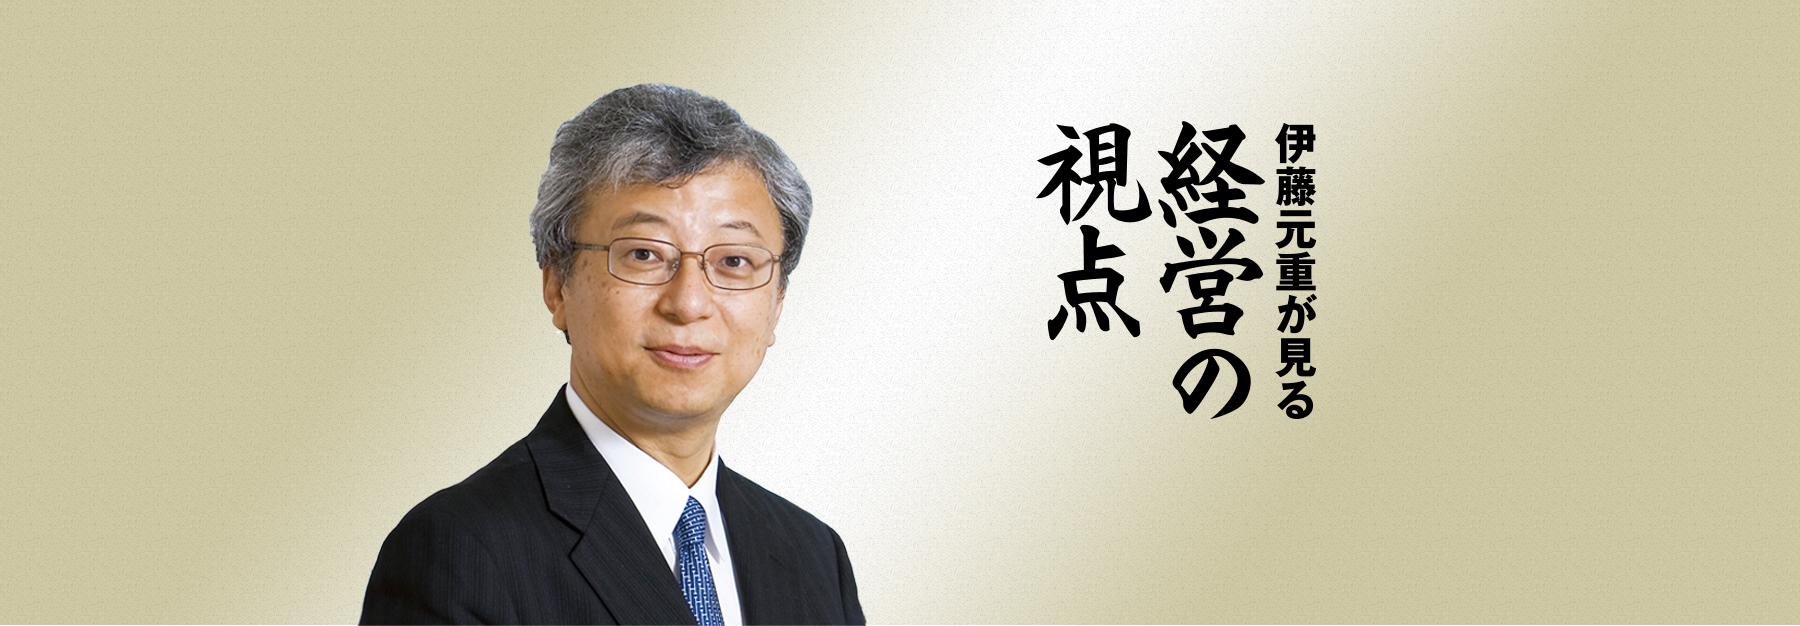 伊藤元重が見る 経営の視点